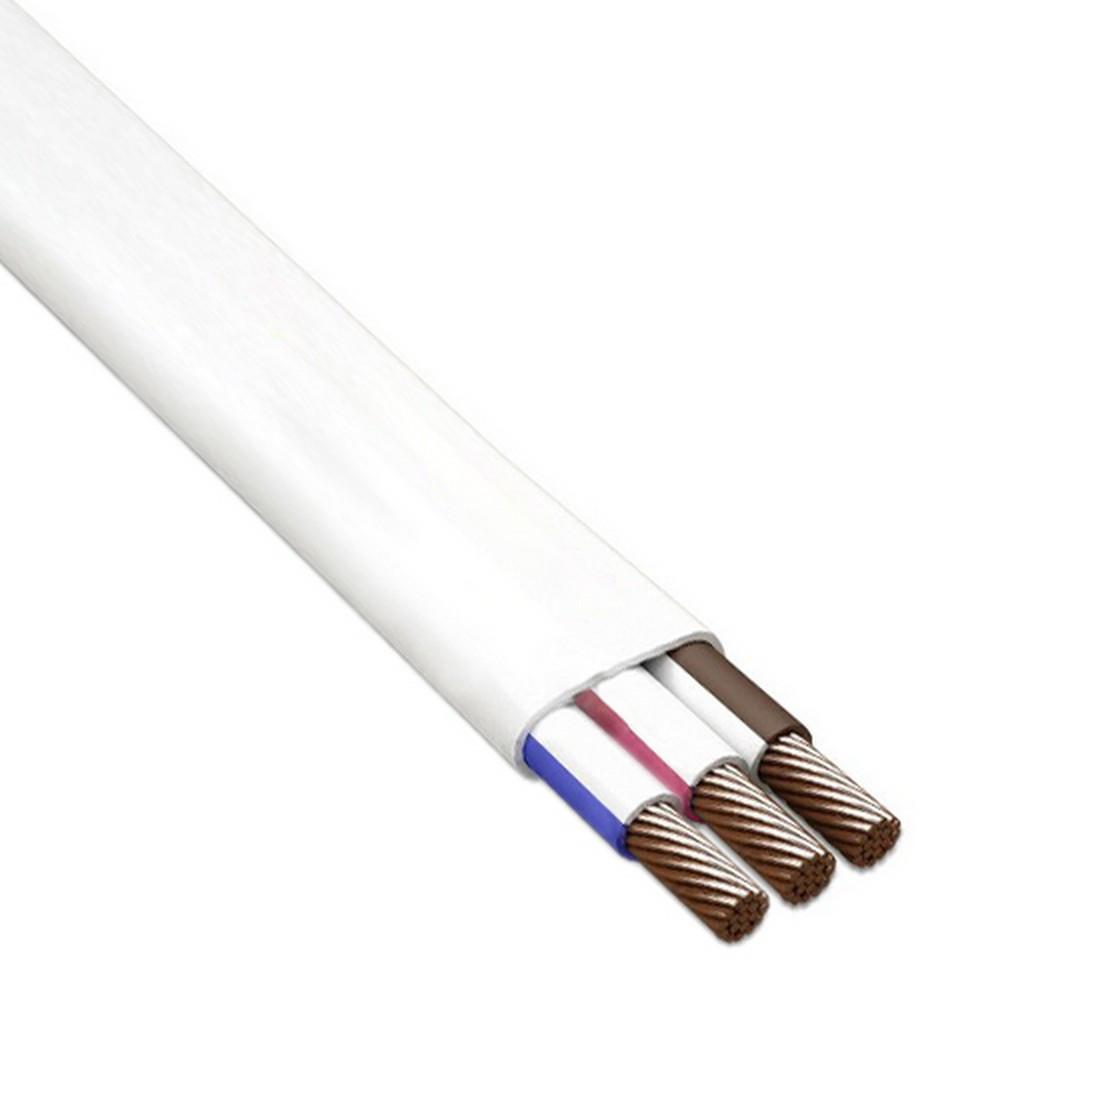 Провод ПВС 3х2.5 (100 м/б)